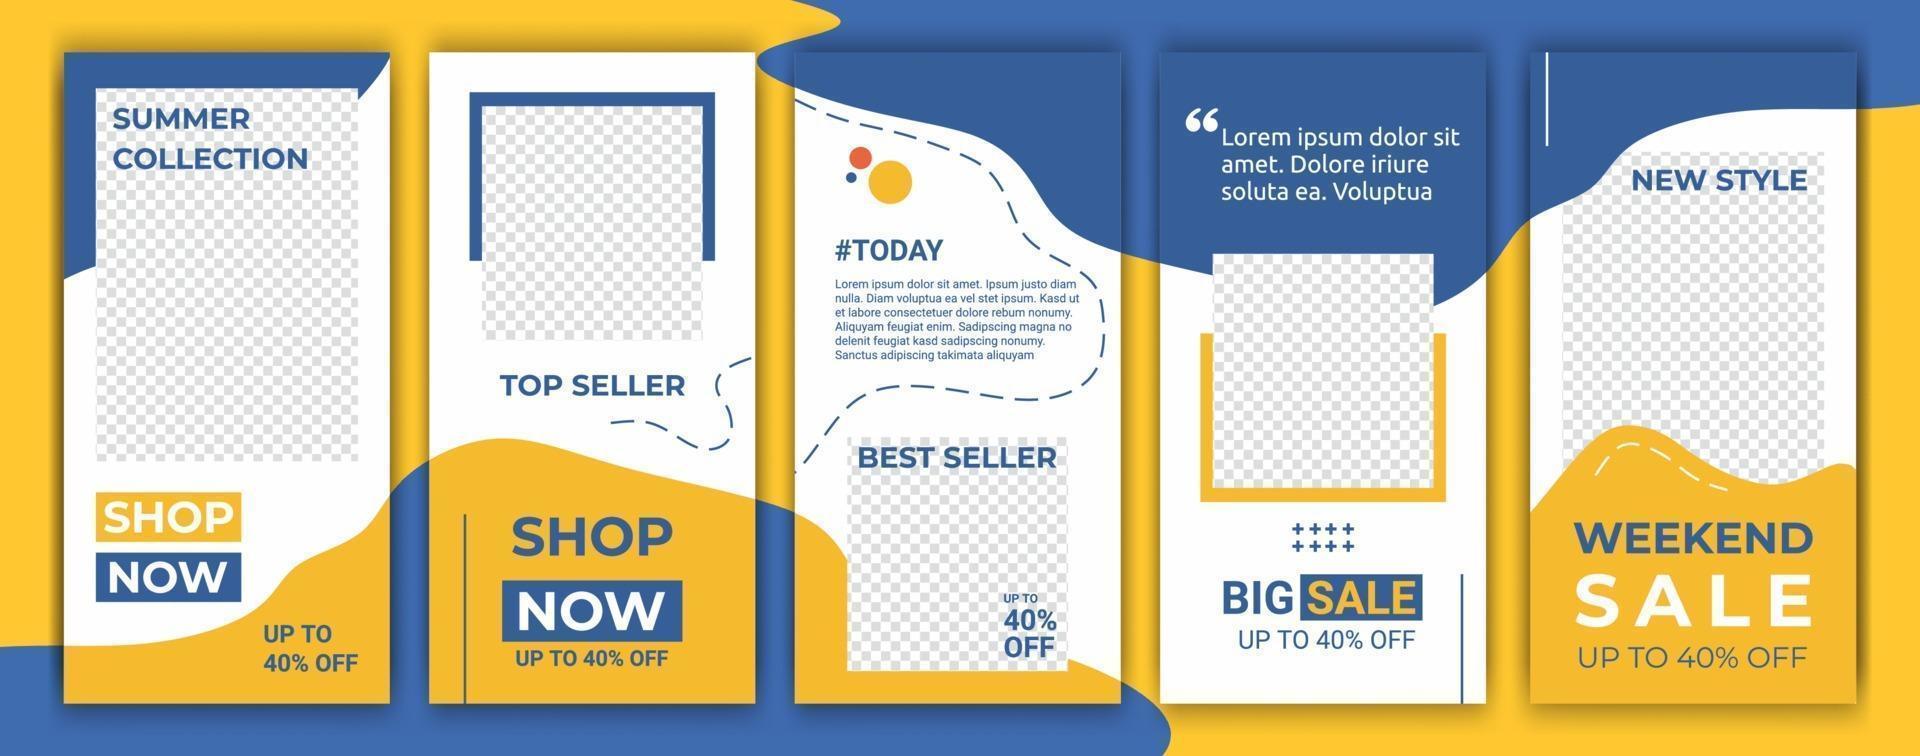 banners empacotar kit conjunto de mídia social história ig. layout para promoção. fundo de banner de venda de histórias geométricas, cartaz, folheto, cupom, cartão-presente de composição de layout, modelos de smartphone vetor